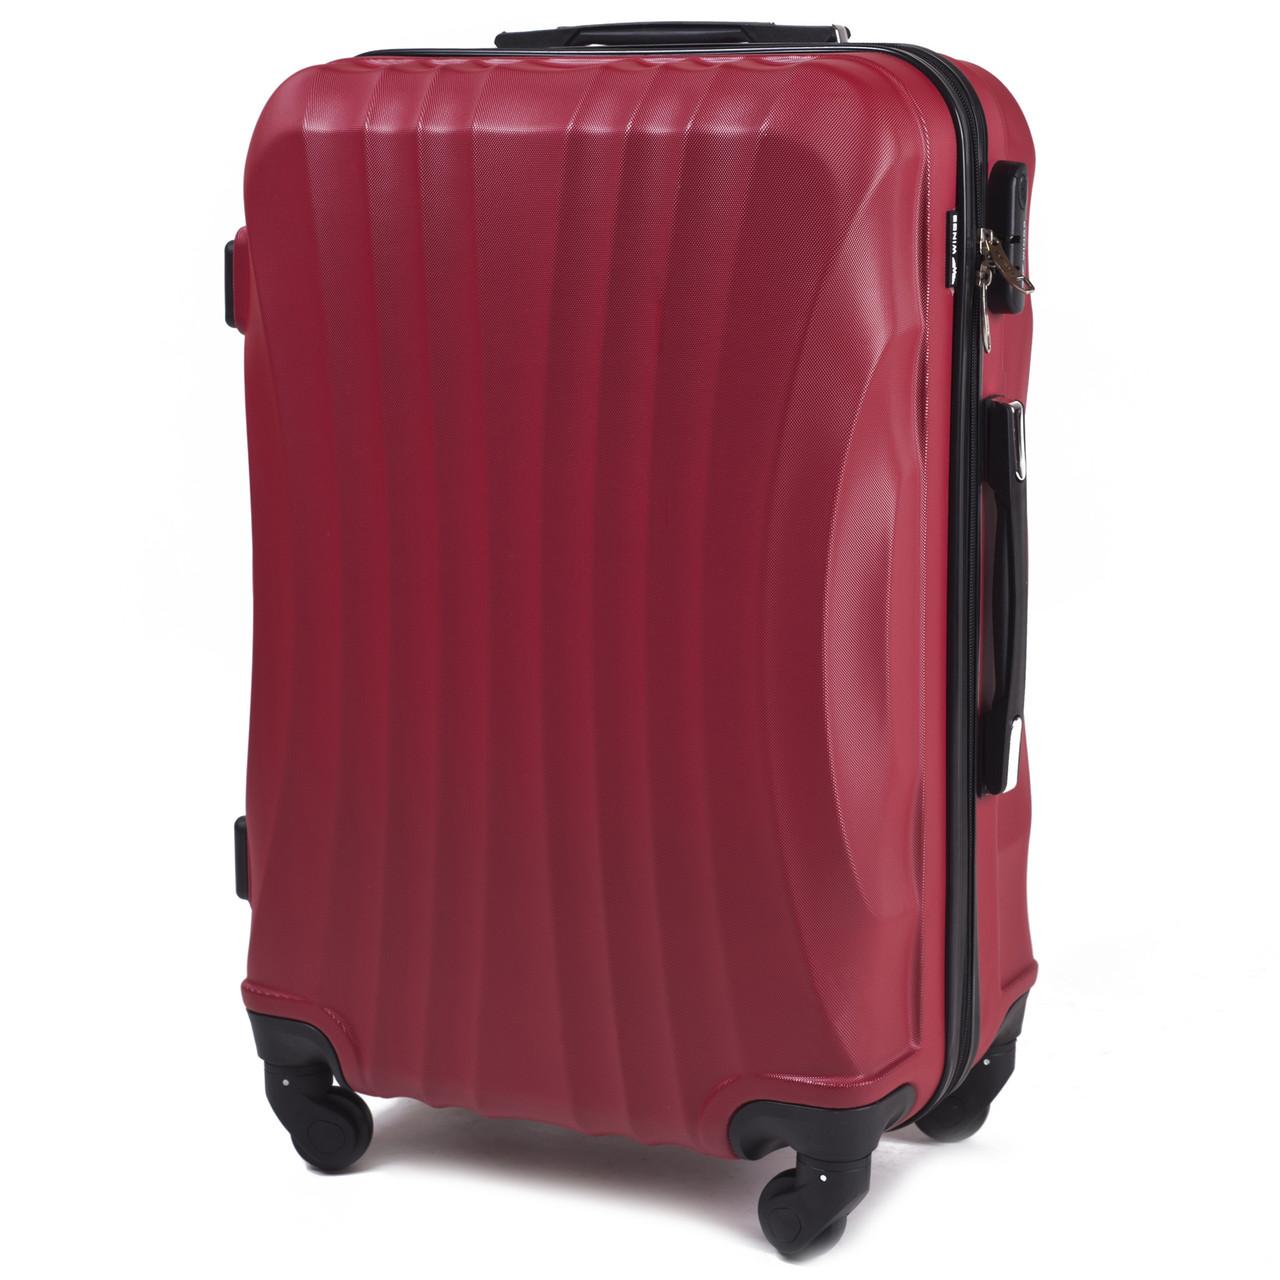 Средний пластиковый чемодан Wings 159 на 4 колесах красный, фото 1